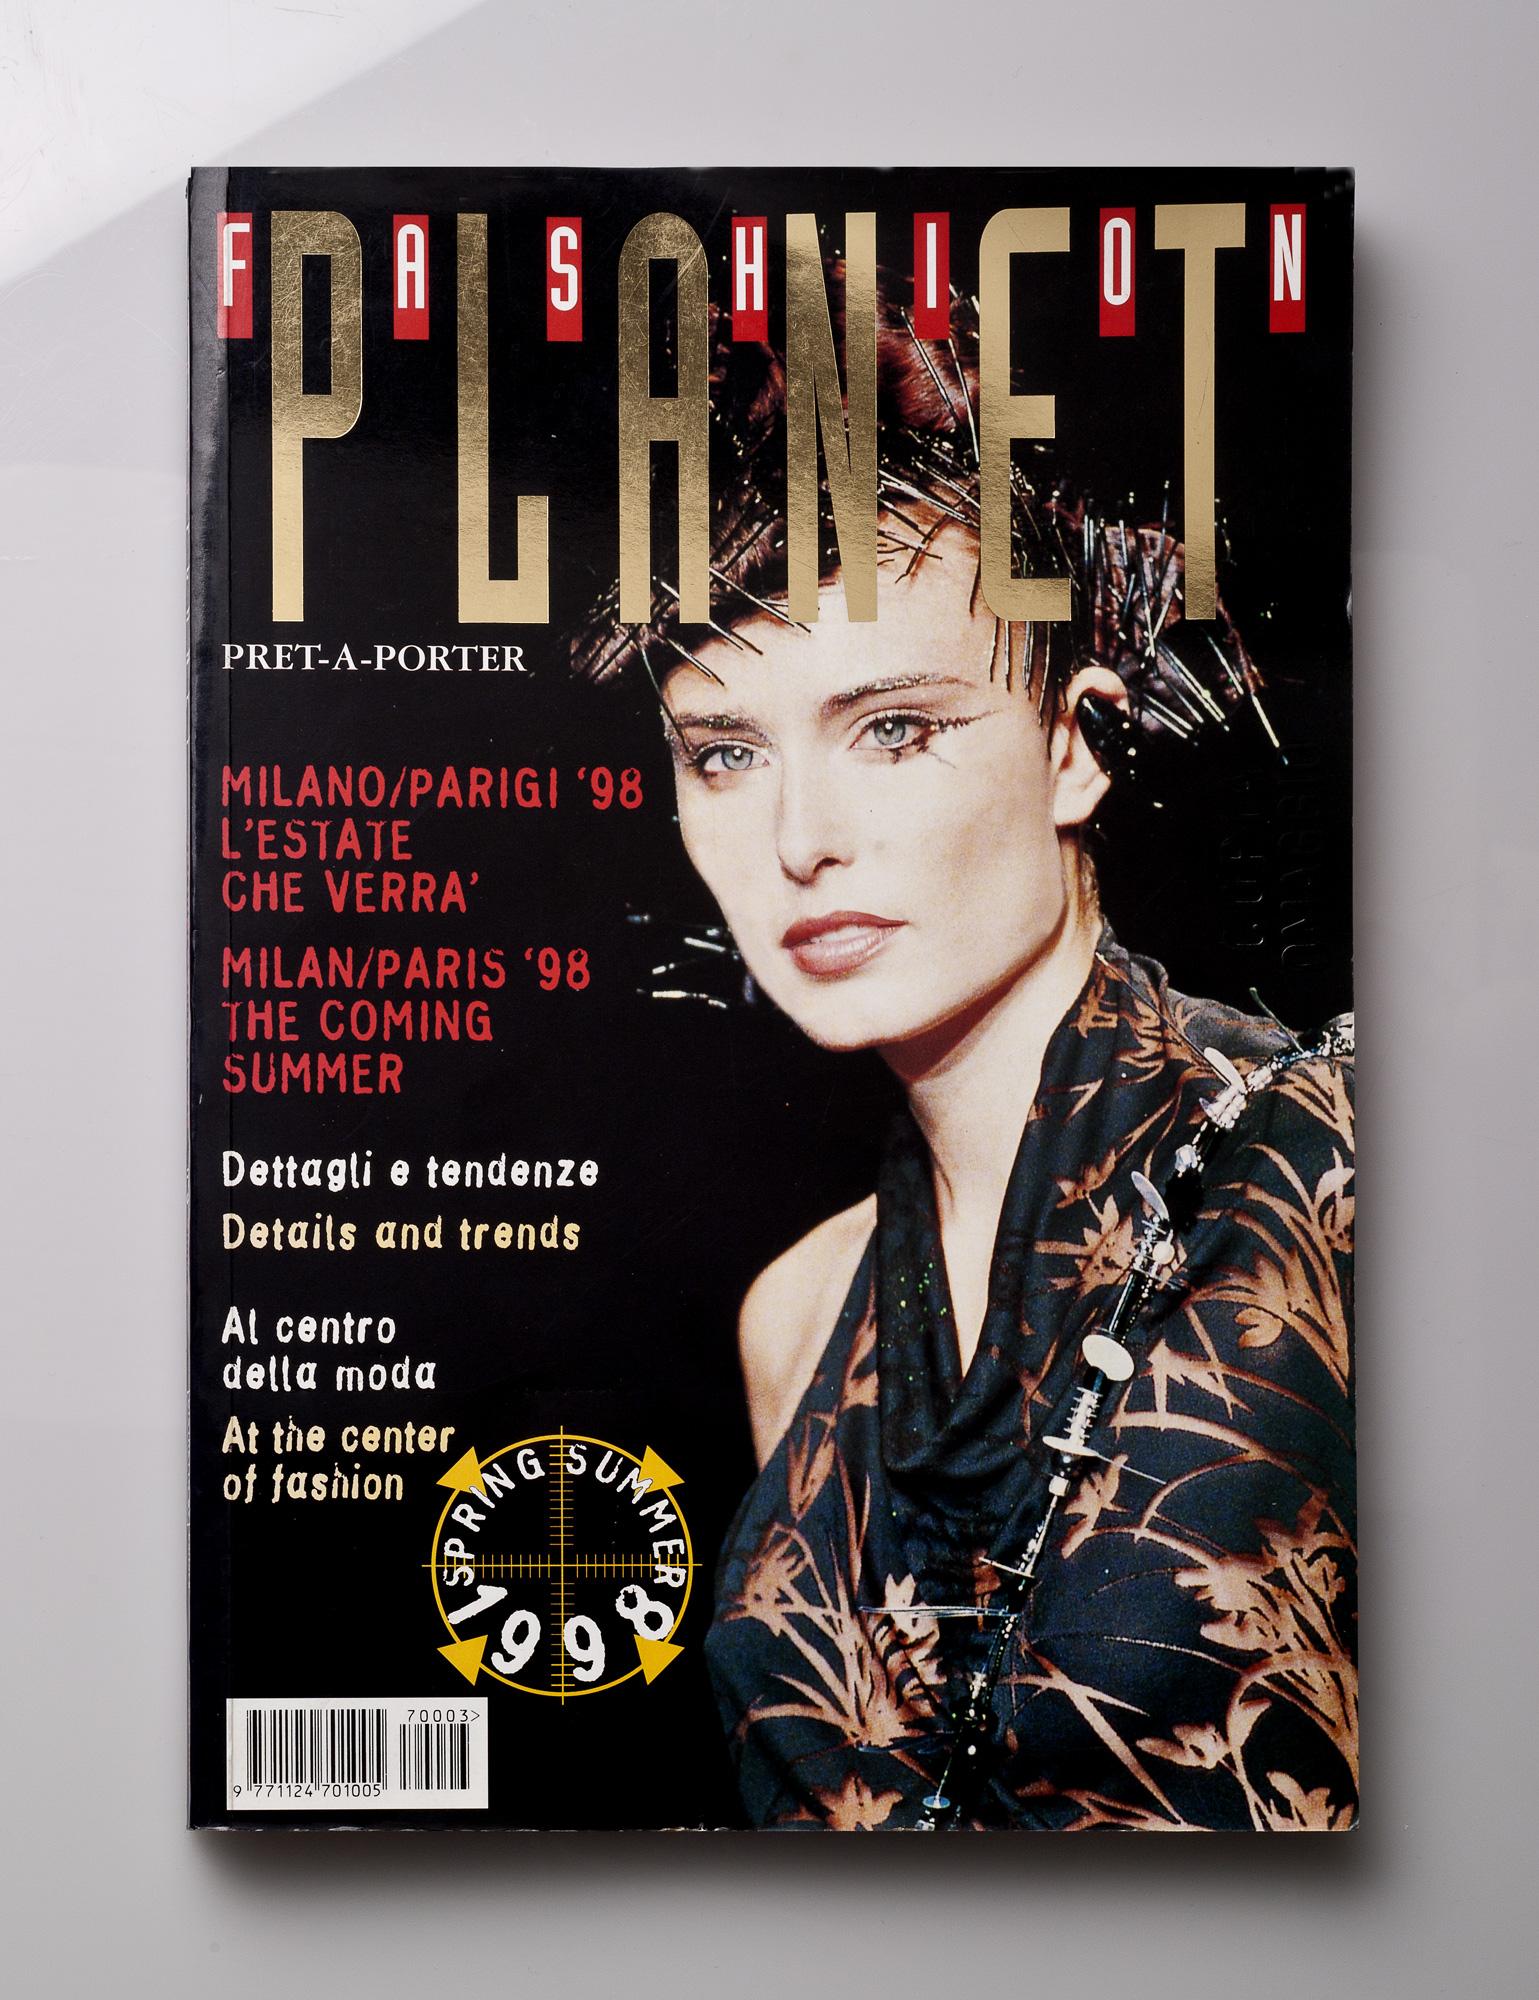 RIVISTA_FashionPlanet-cover1